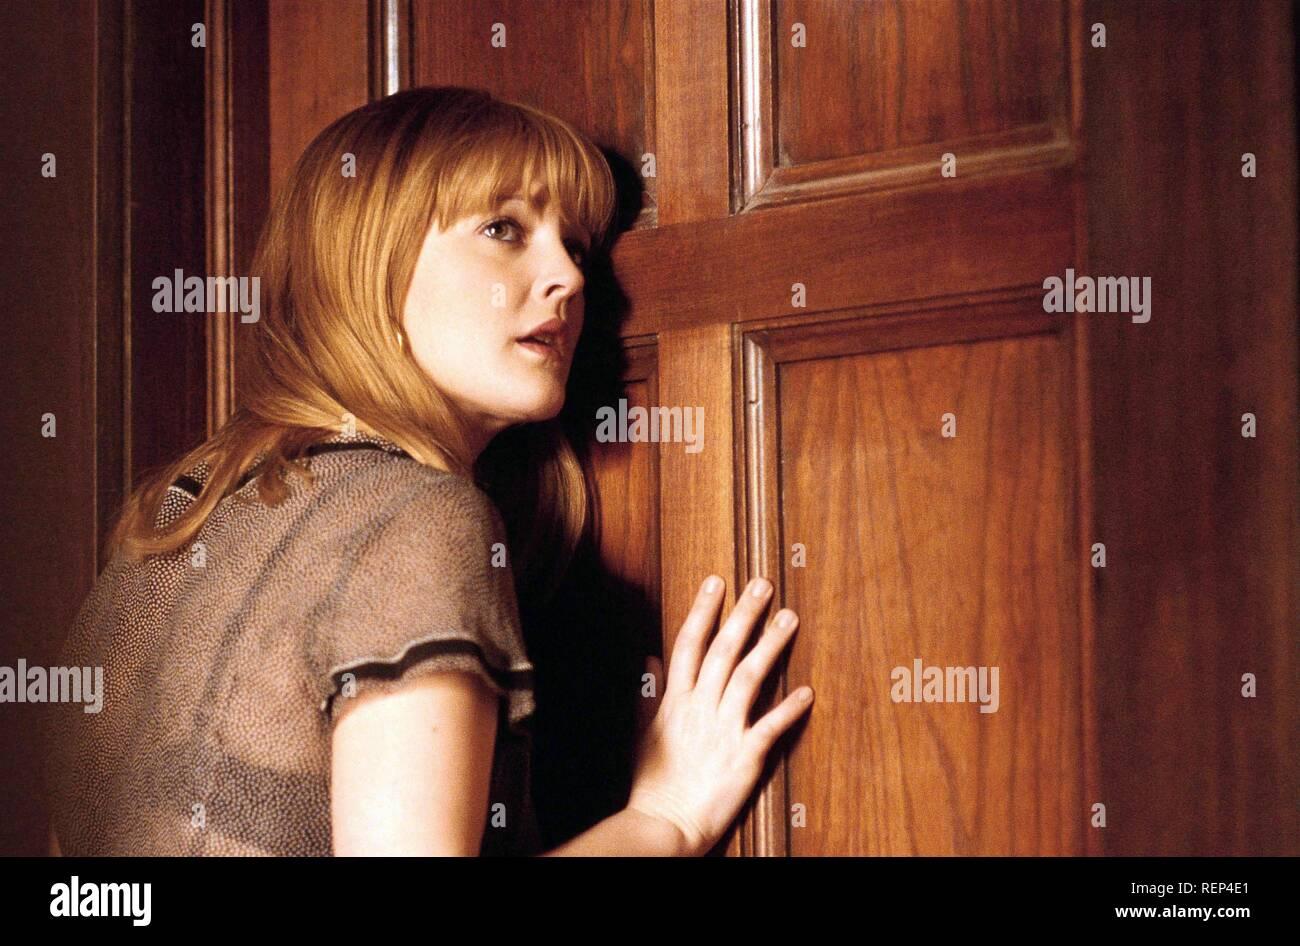 Année: 2003 Duplex USA Réalisateur: Danny DeVito Drew Barrymore Photo Stock